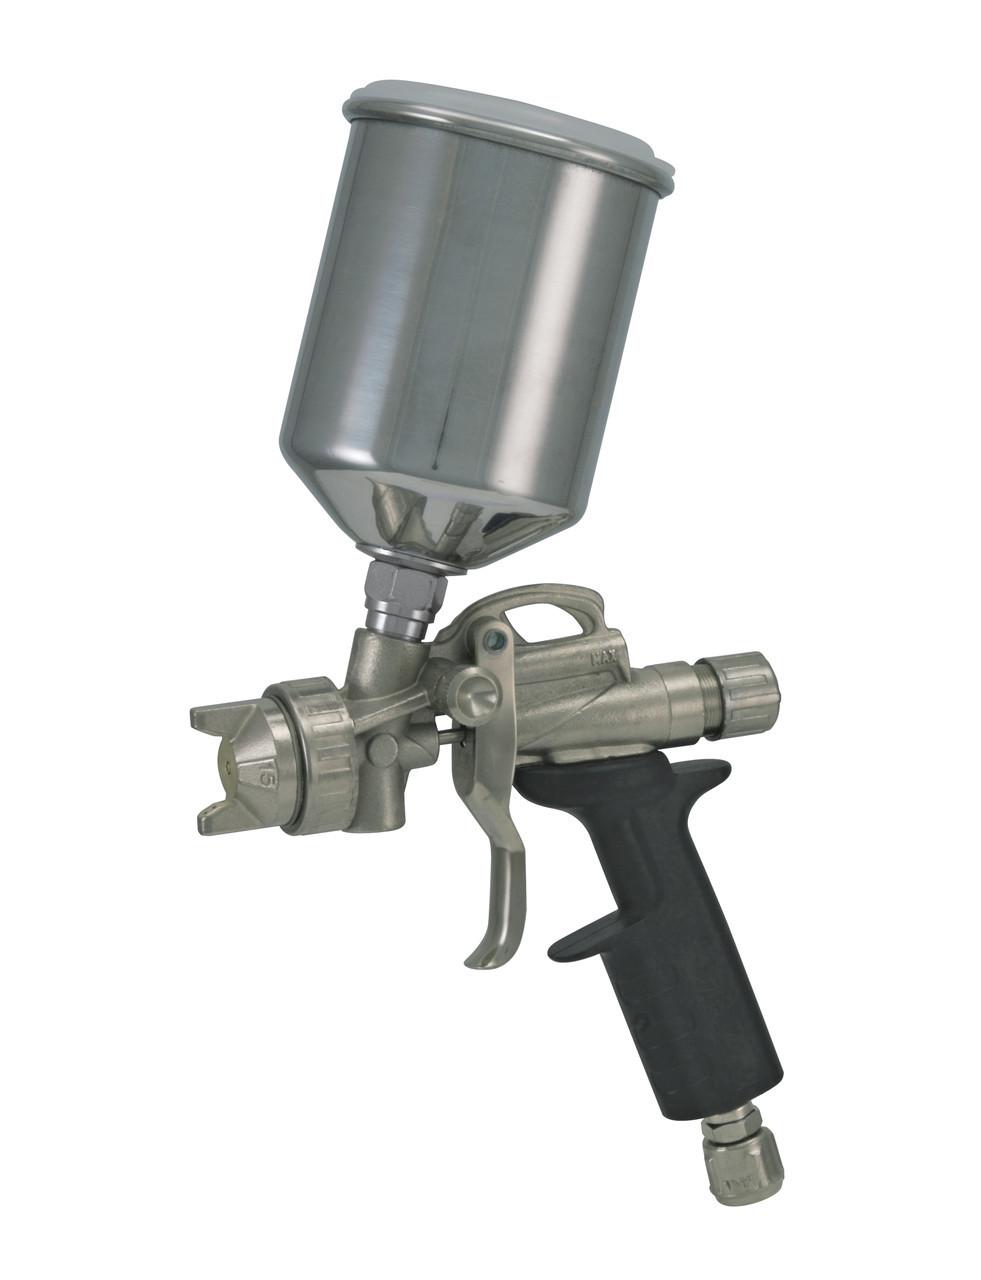 Краскопульт профессиональный RV/S металл бачок 1000 мл дюза-2.0 мм AH0803112